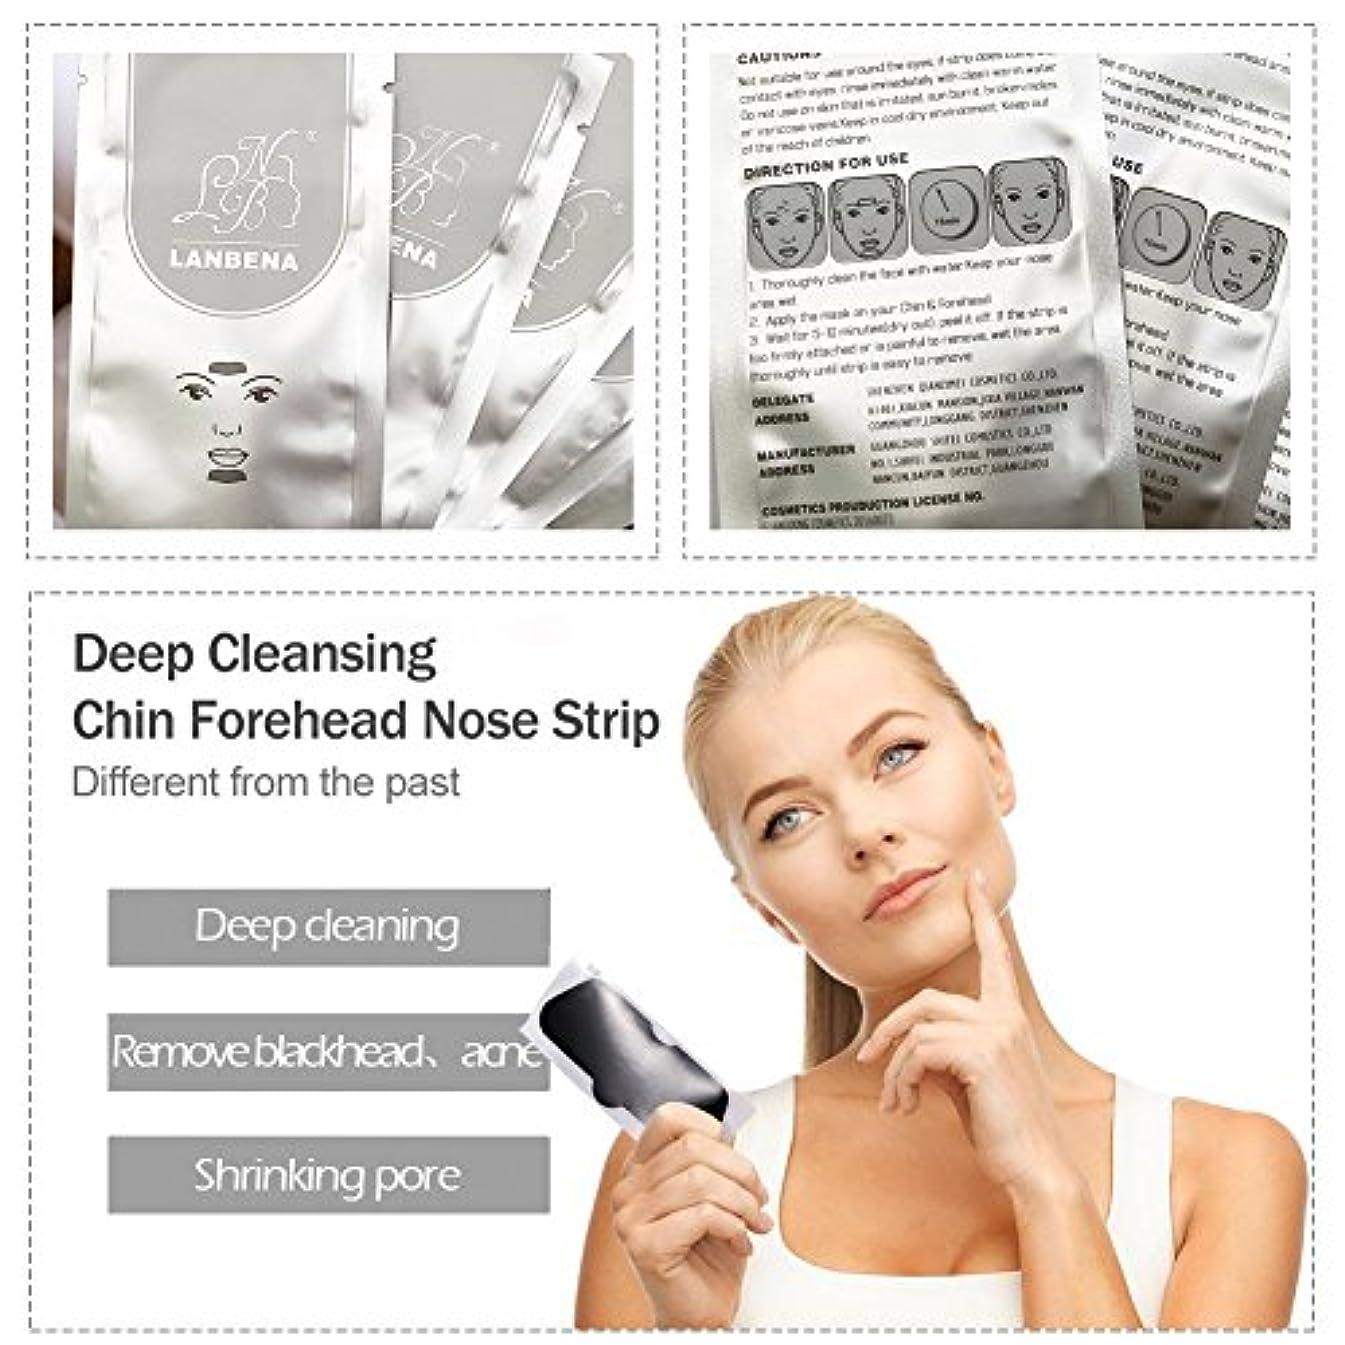 報いるアラブ人錫鼻ピーリングマスク10個鼻マスクピーリングディープクレンジング削除にきび浄化黒毛+ 10ピース顎額ストリップ